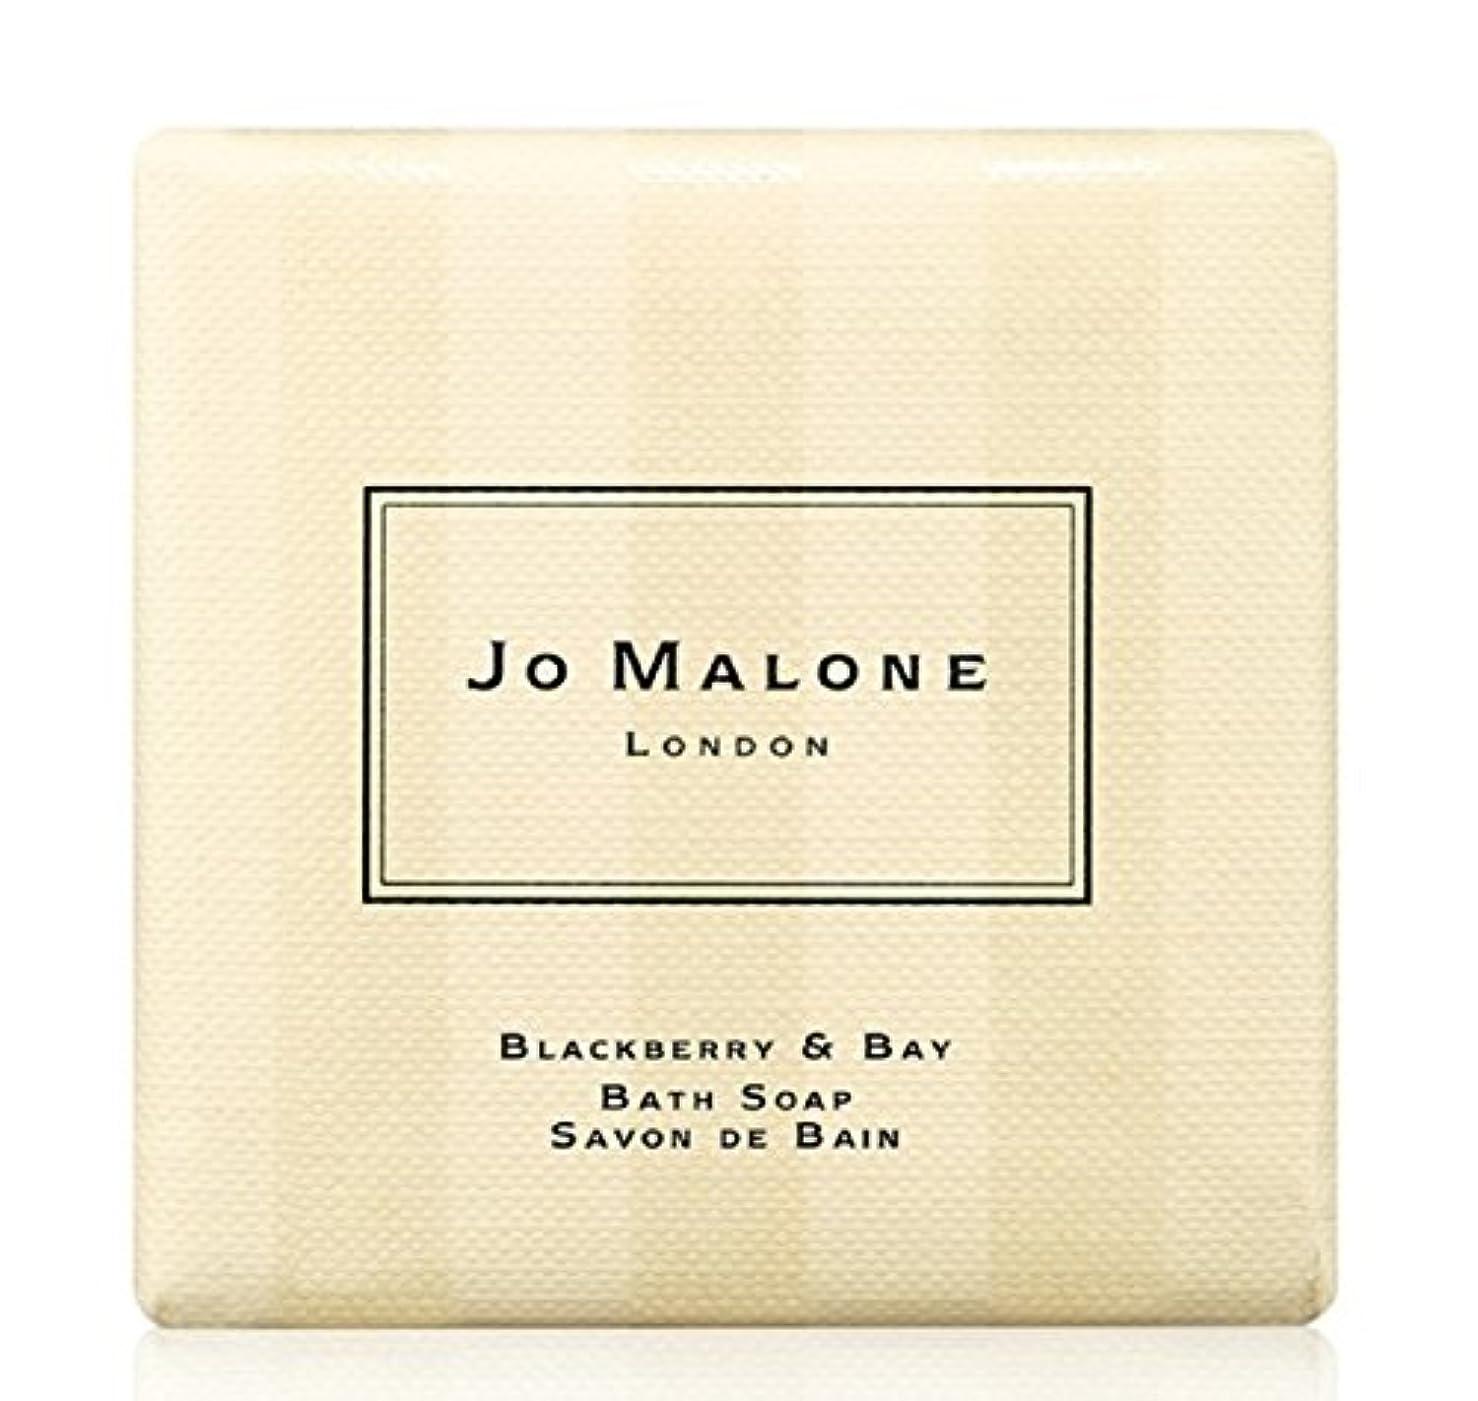 誘う変化ブリッジジョーマローン ブラックベリー&ベイ バス ソープ 石鹸 100 g